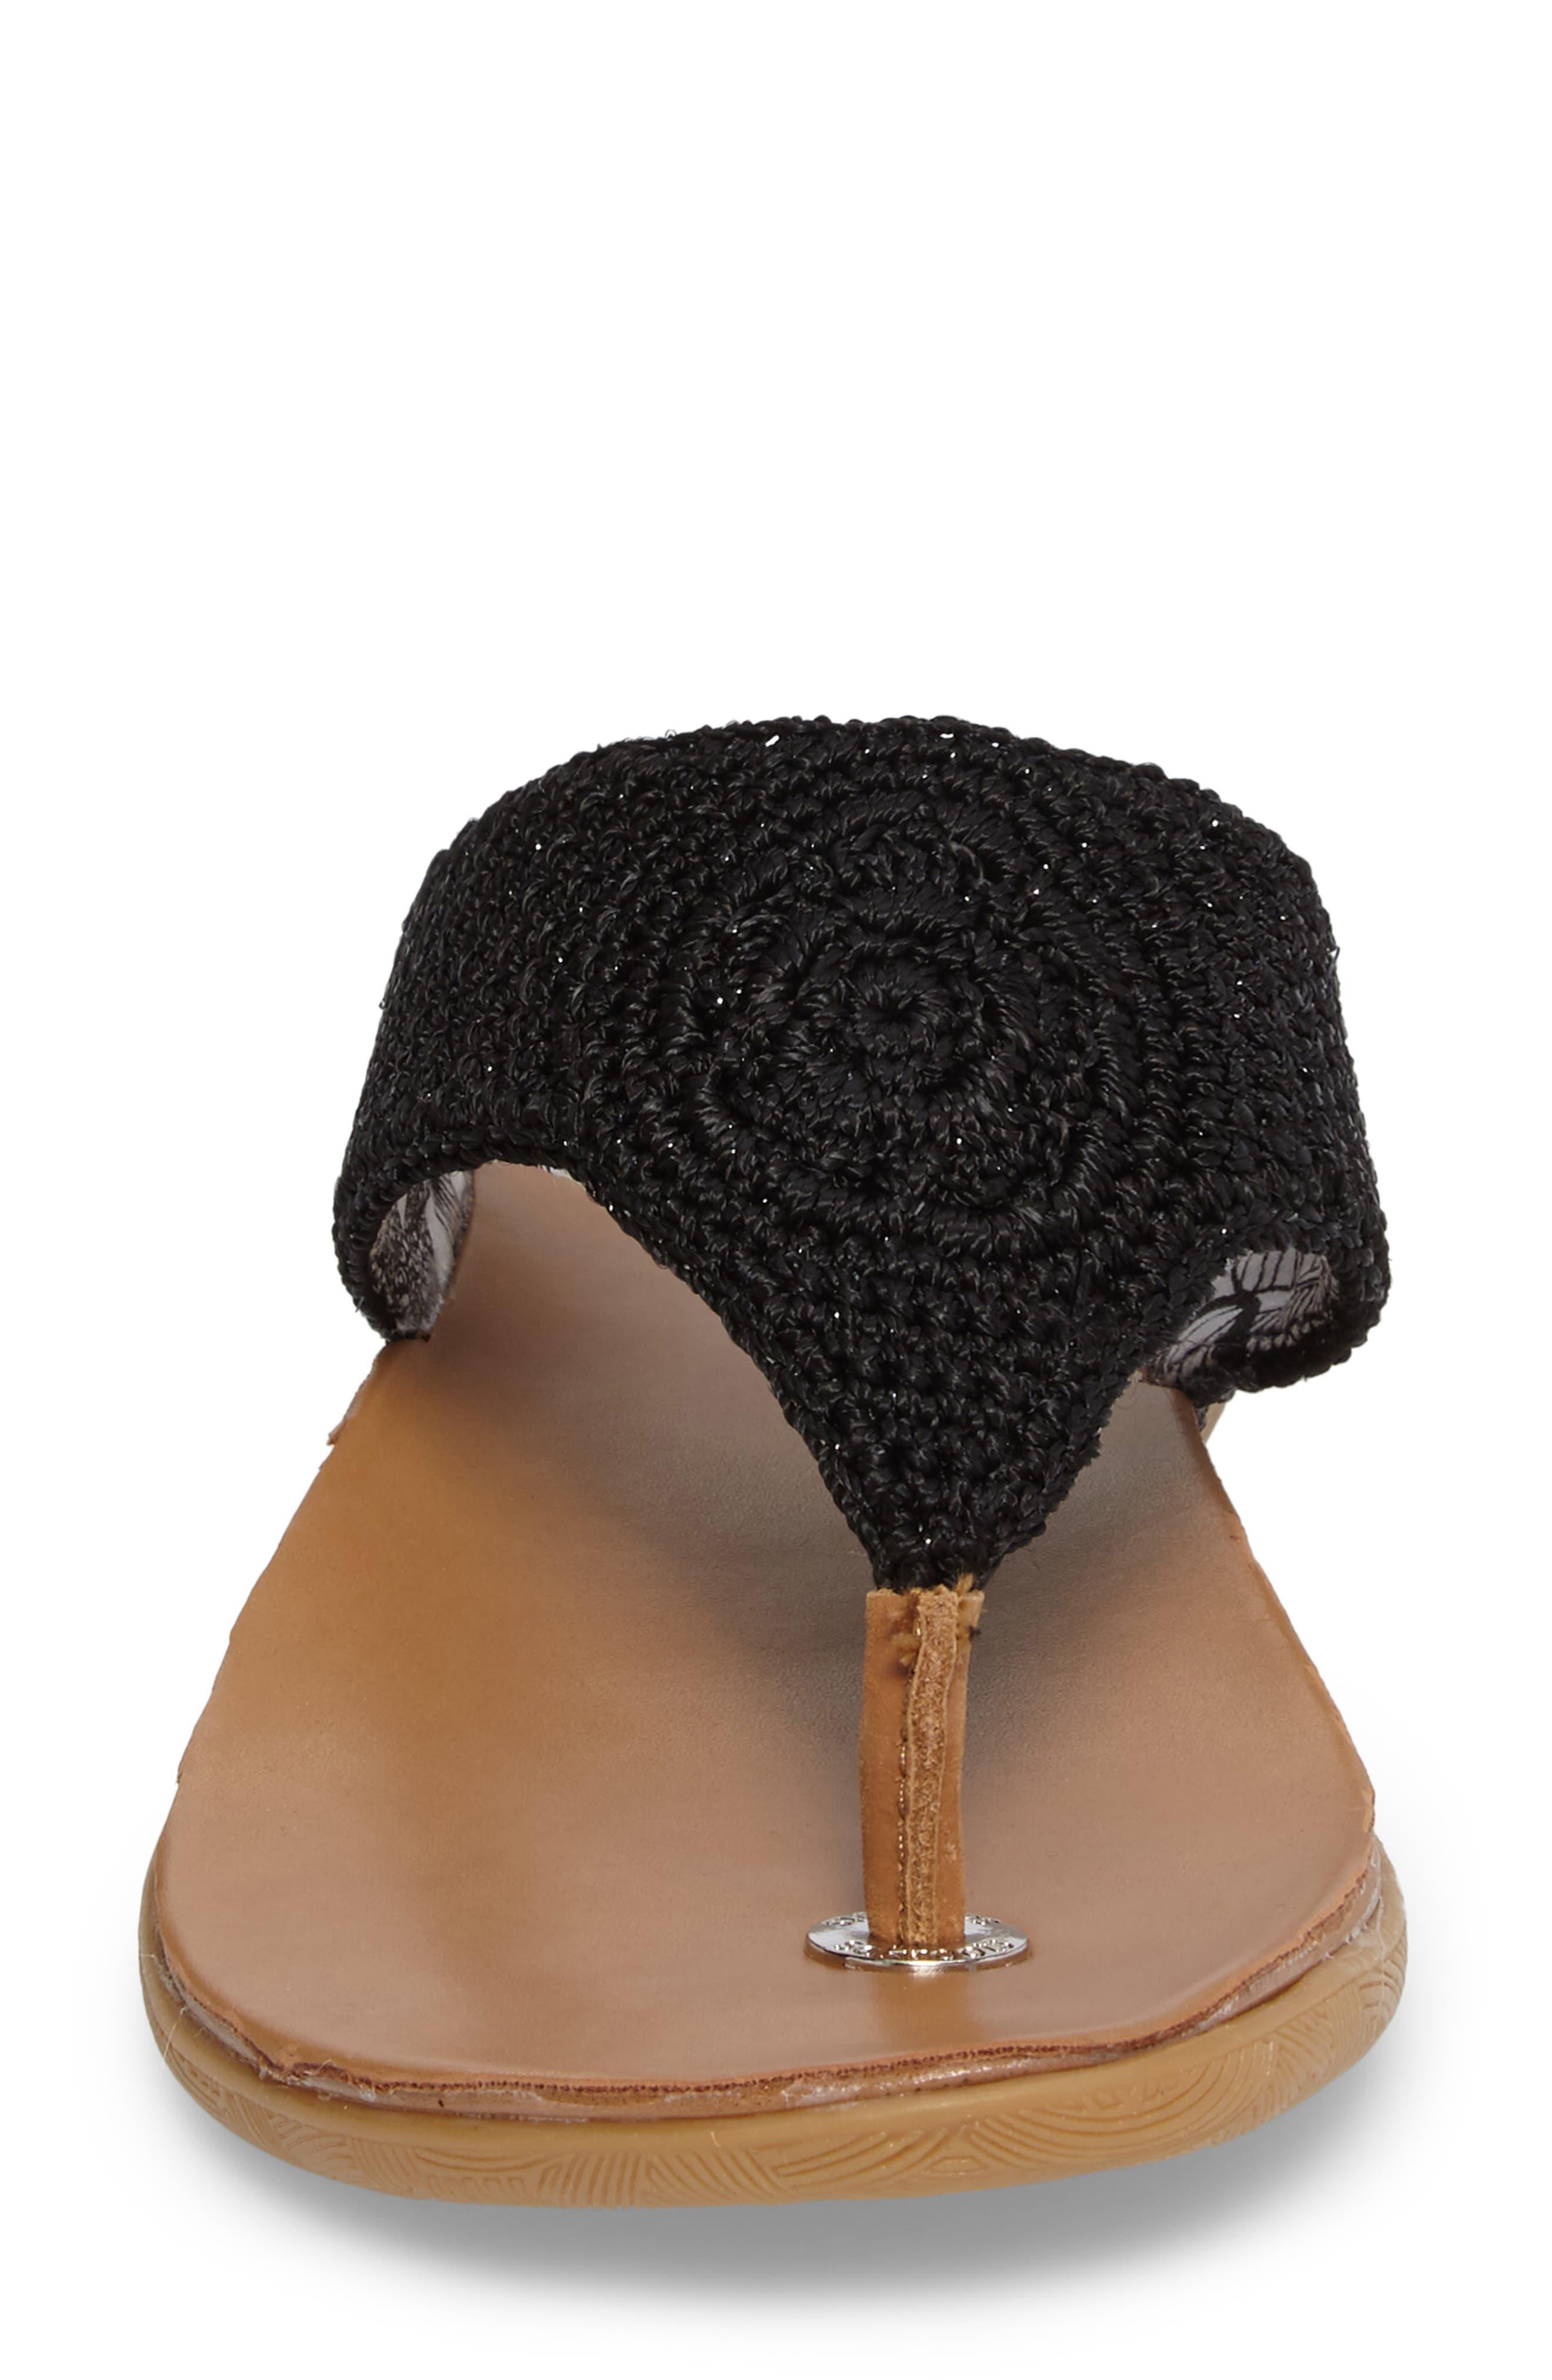 Sarria Flip Flop,                             Alternate thumbnail 4, color,                             BLACK SPARKLE FABRIC